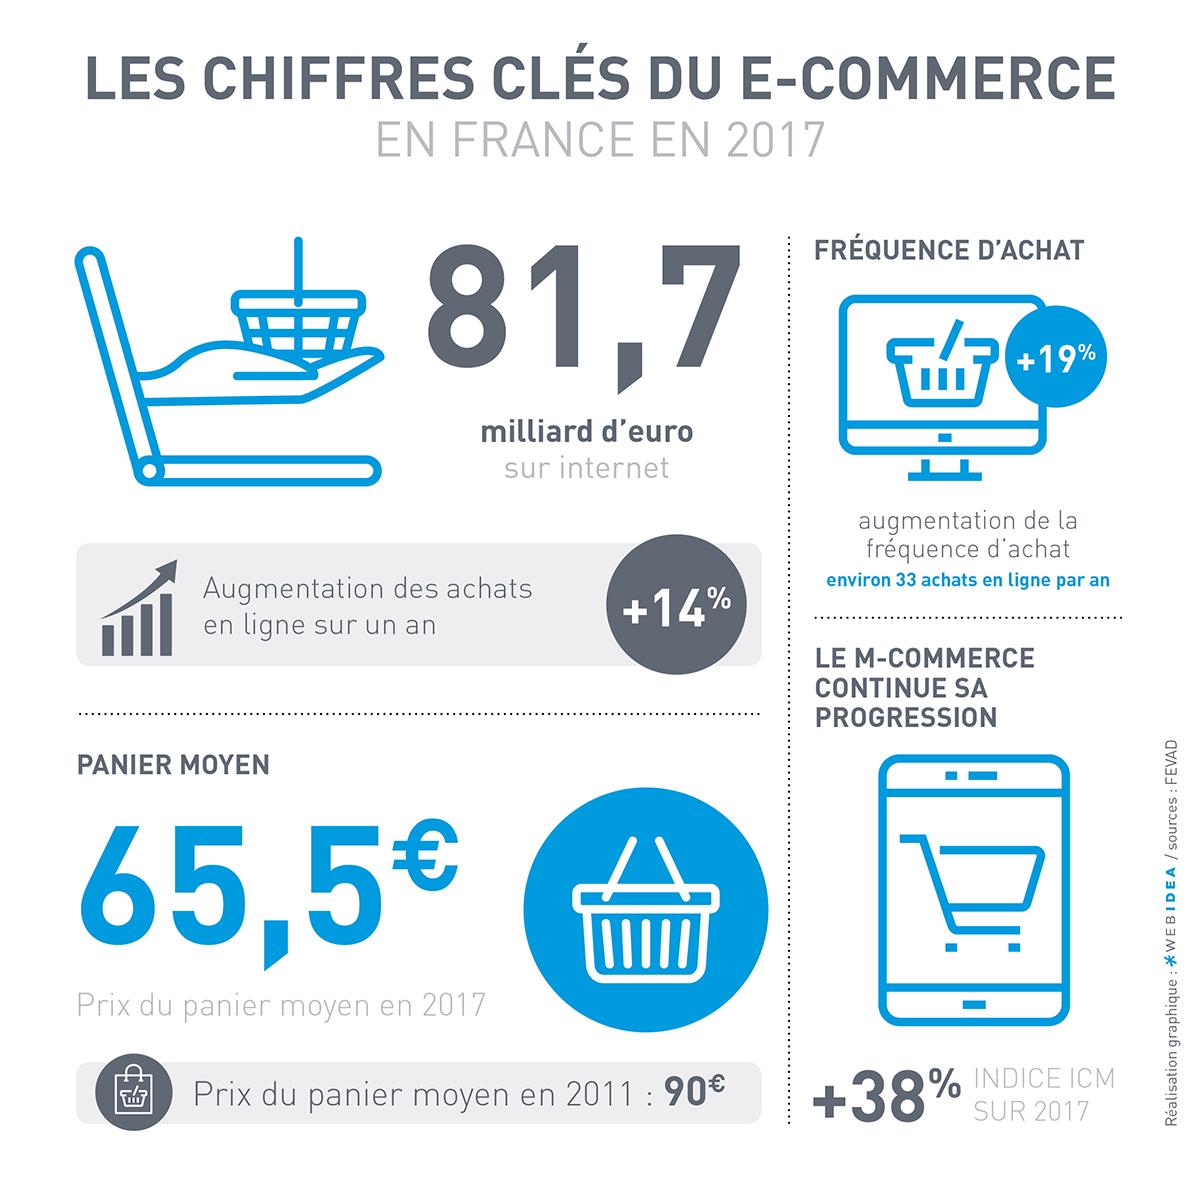 Chiffres-clés du e-commerce en France en 2017